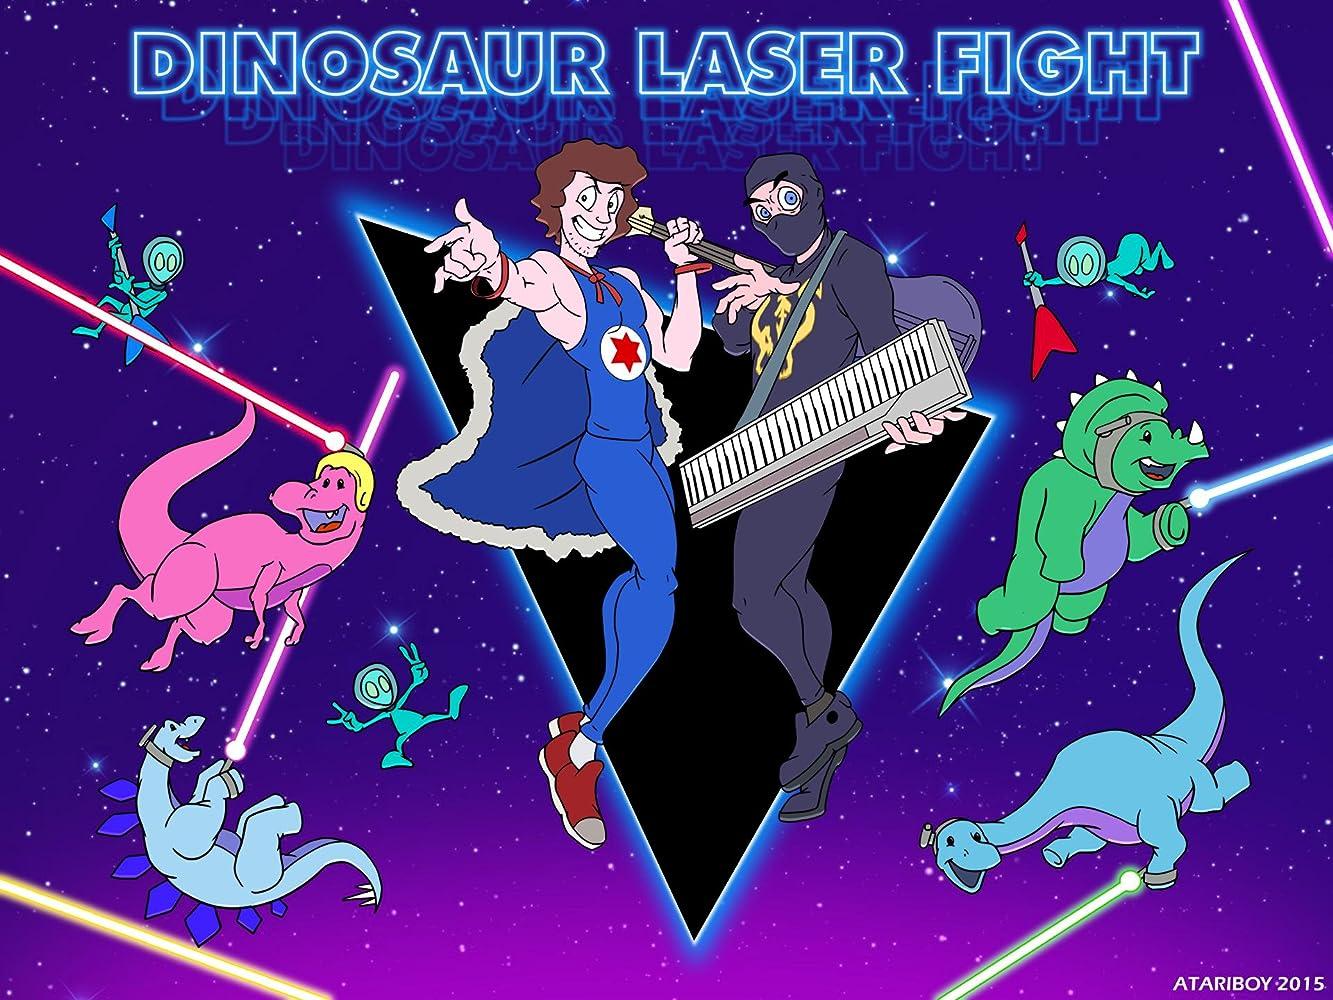 Ninja sex party dinosaur laser fight foto 8